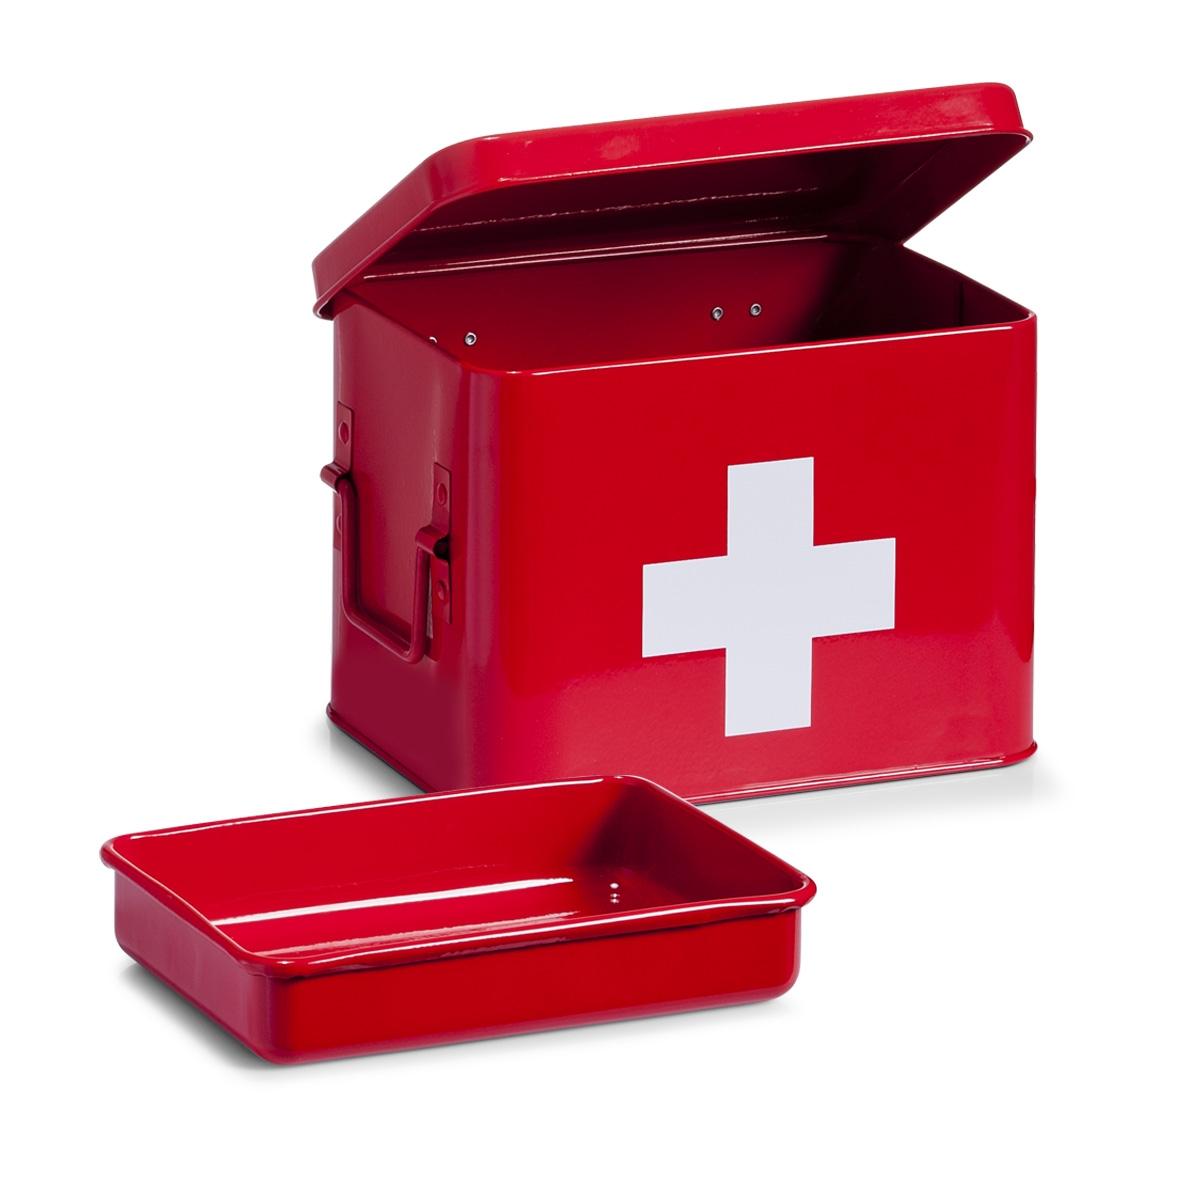 Cutie pentru depozitarea medicamentelor, 4 compartimente, Metal Red, l21,5xA16xH16 cm imagine